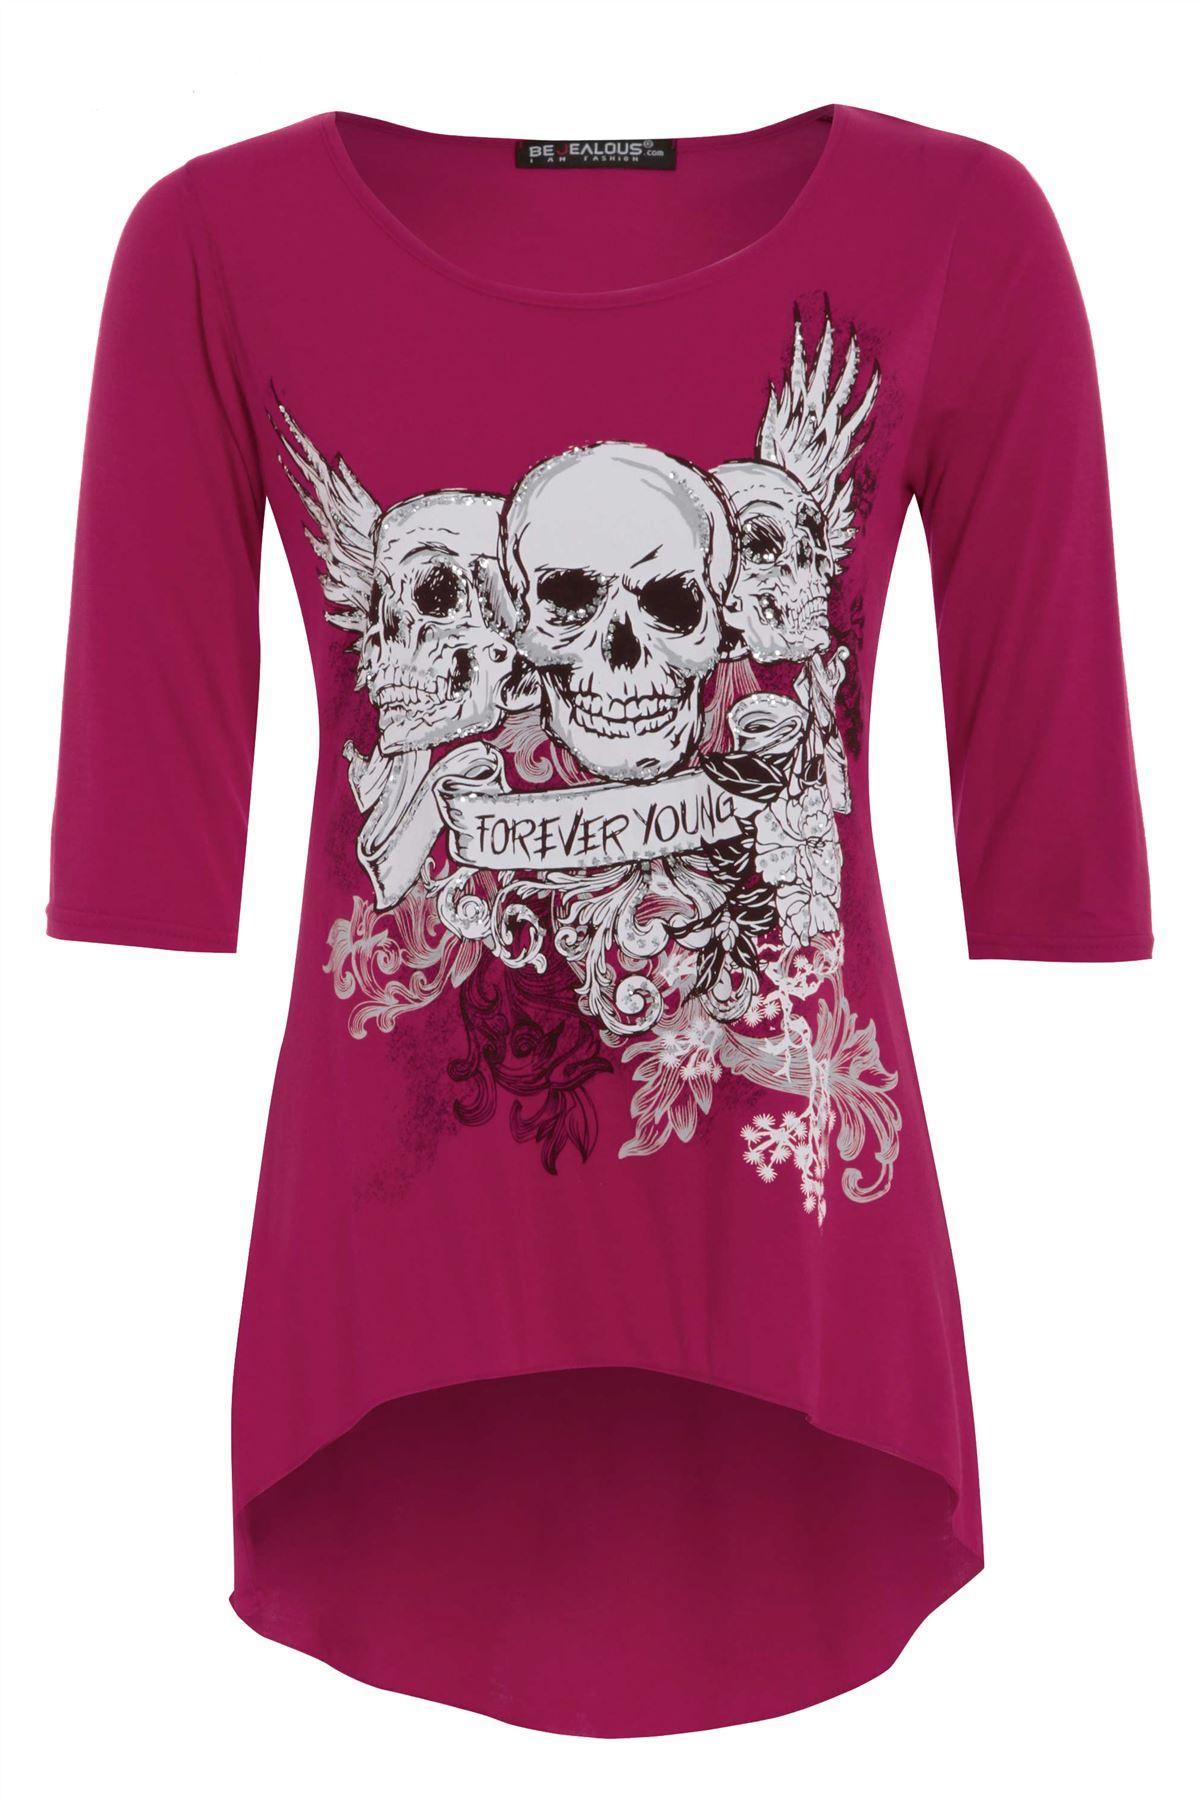 Womens Ladies 3/4 Sleeves Skull Print Dip Hem High Low Tunic Top Plus Size